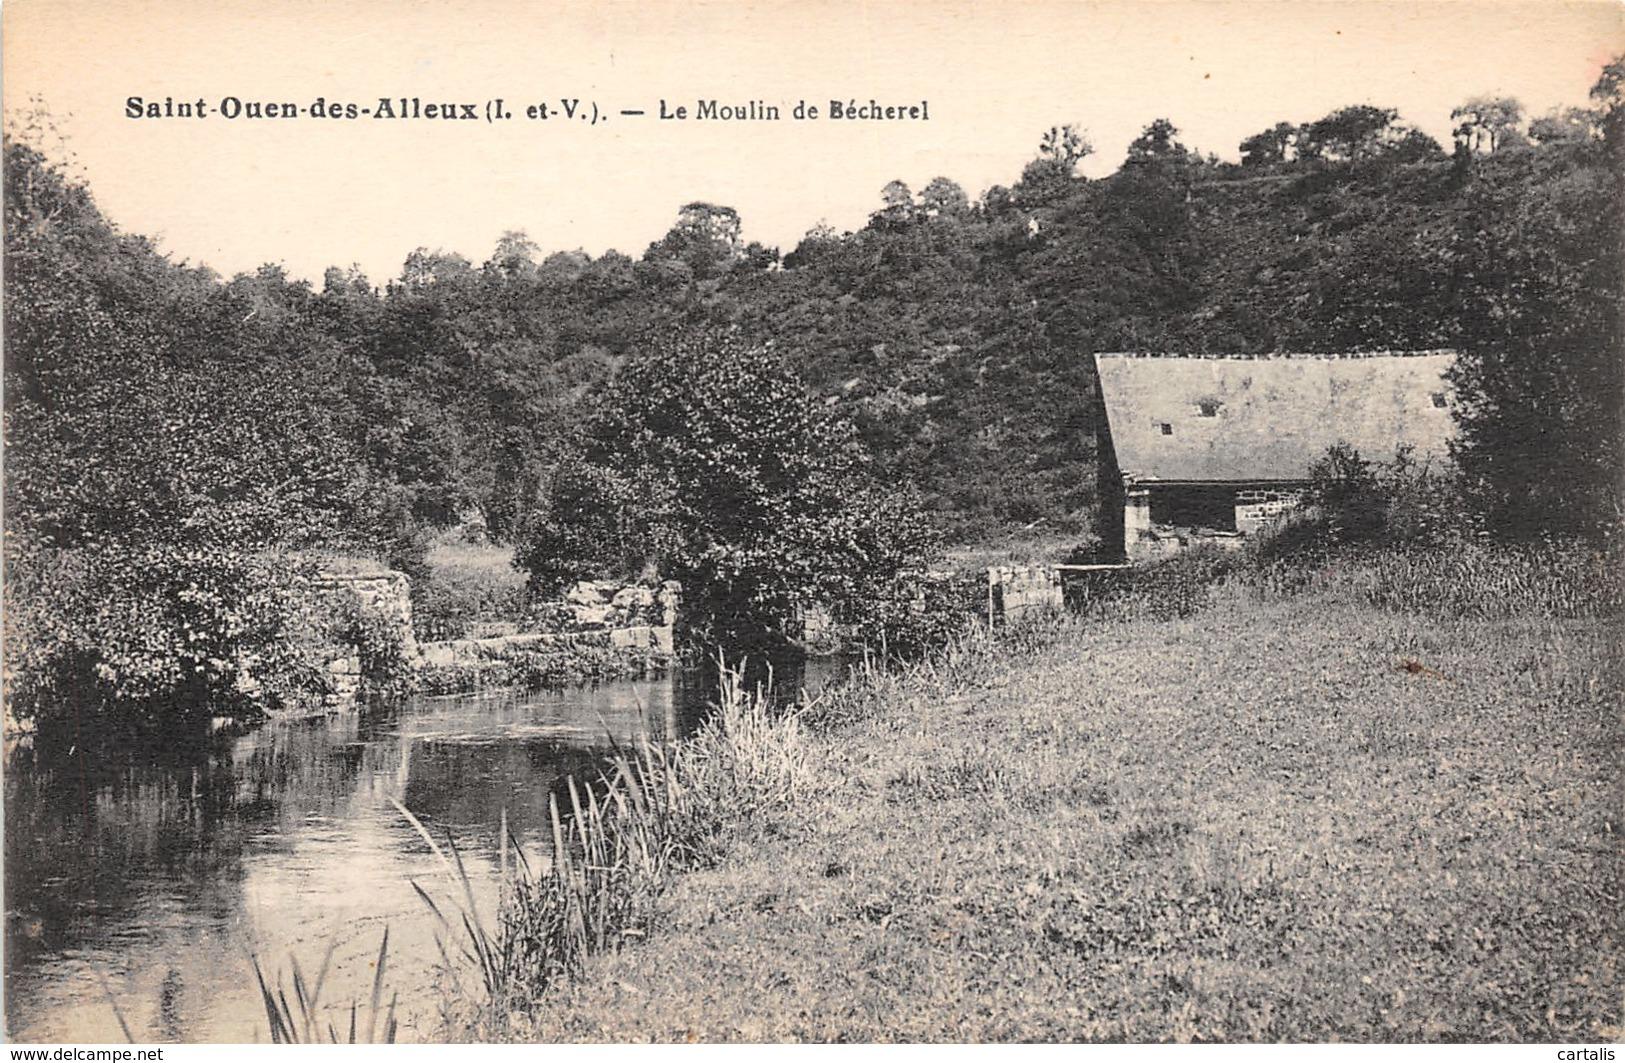 35-SAINT OUEN DES ALLEUX-N°174-F/0345 - Other Municipalities